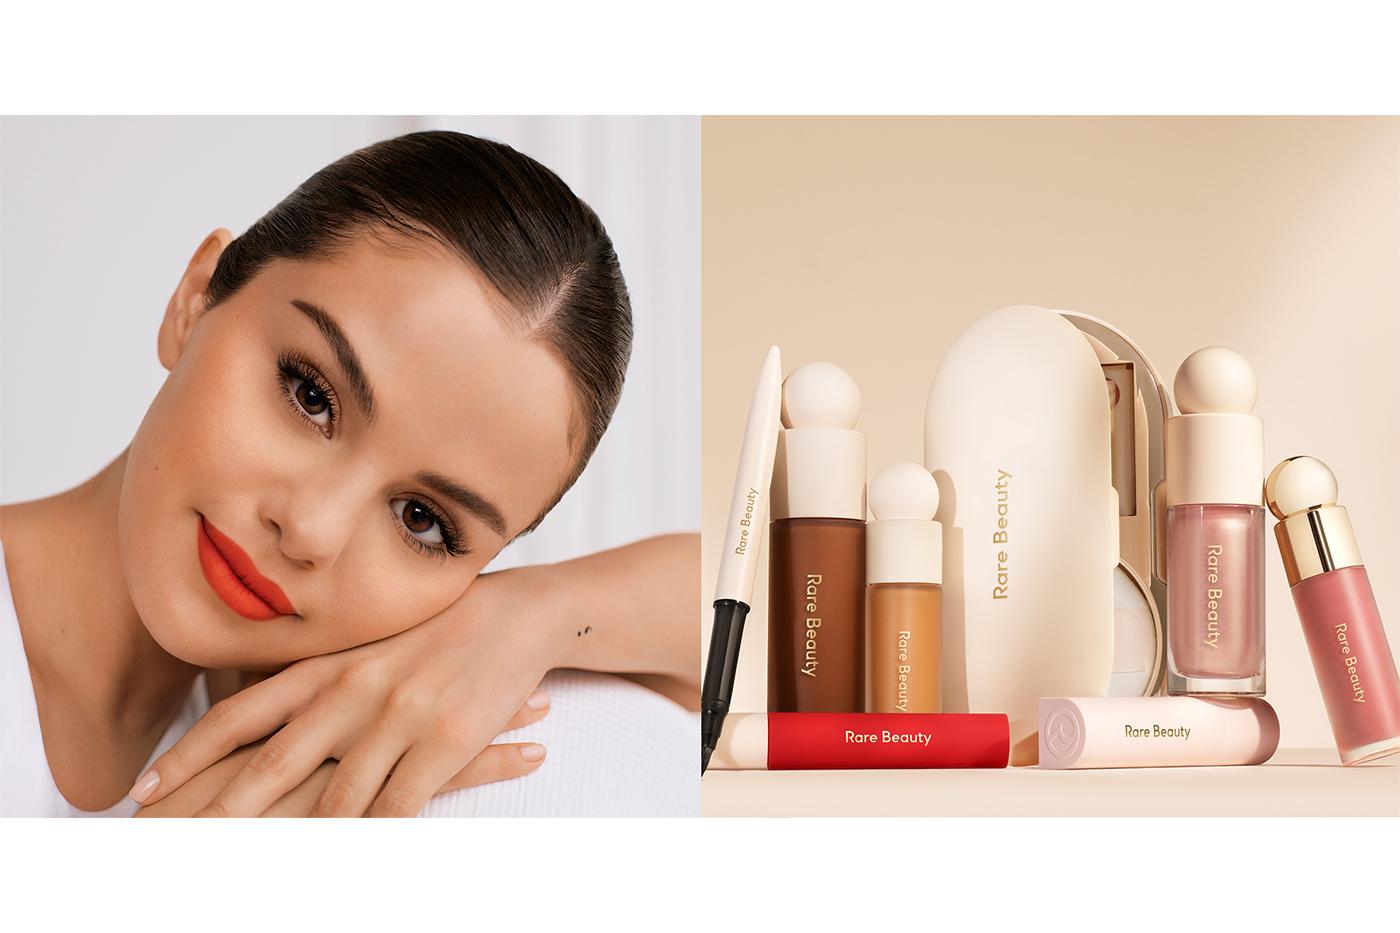 Selena Gomez launches beauty brand- Rare Beauty